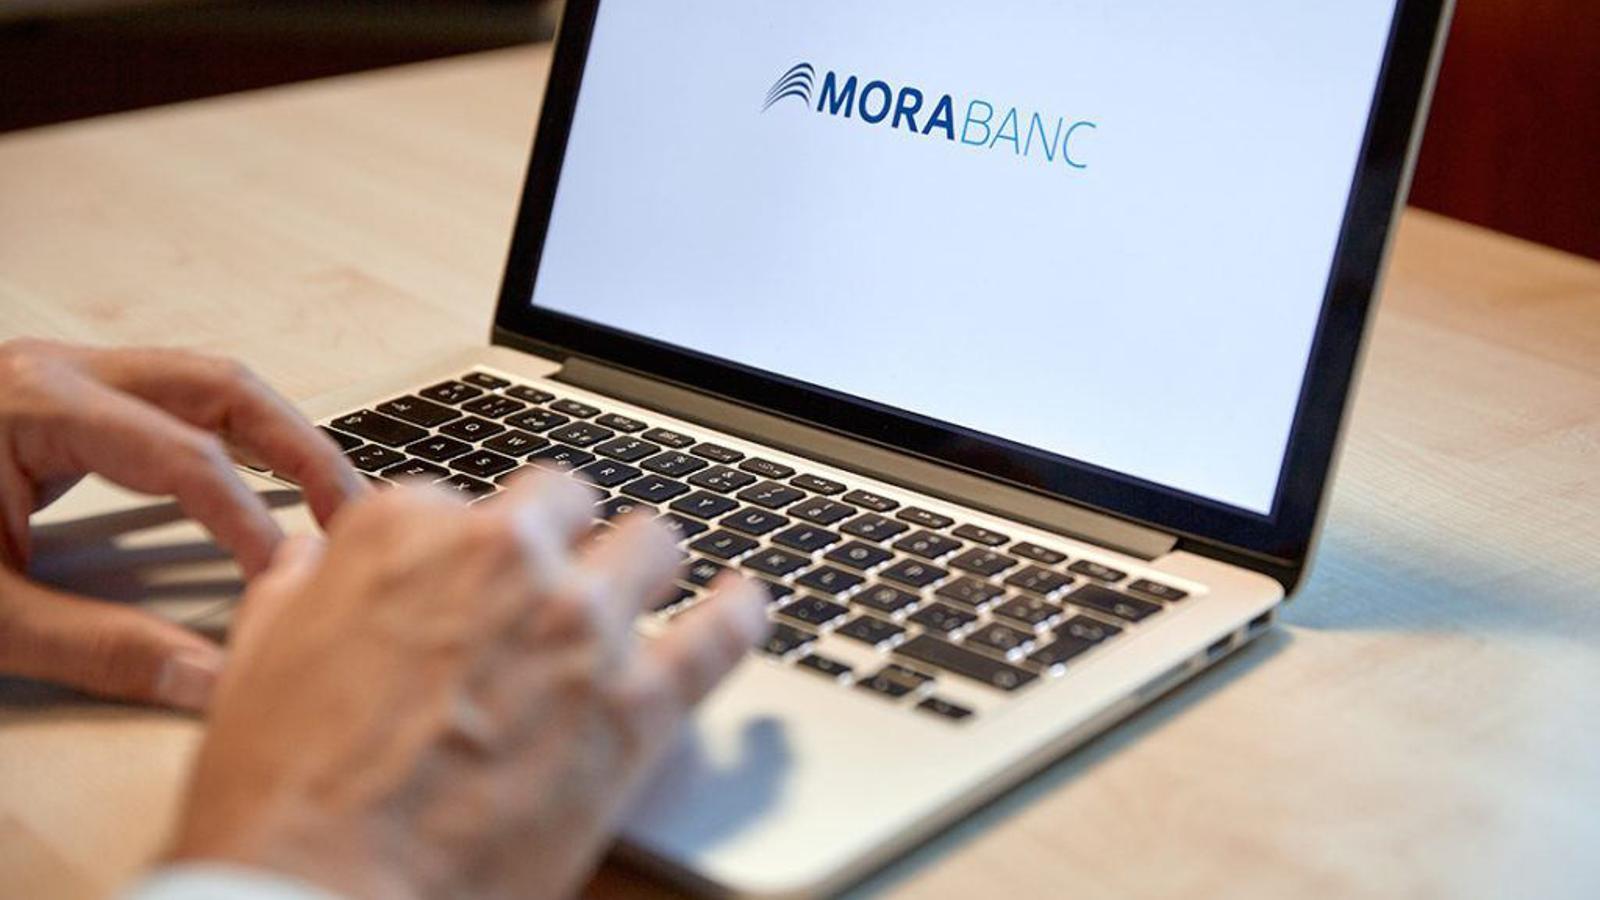 L'oferta de banca digital de MoraBanc segueix creixent. / ARXIU ANA